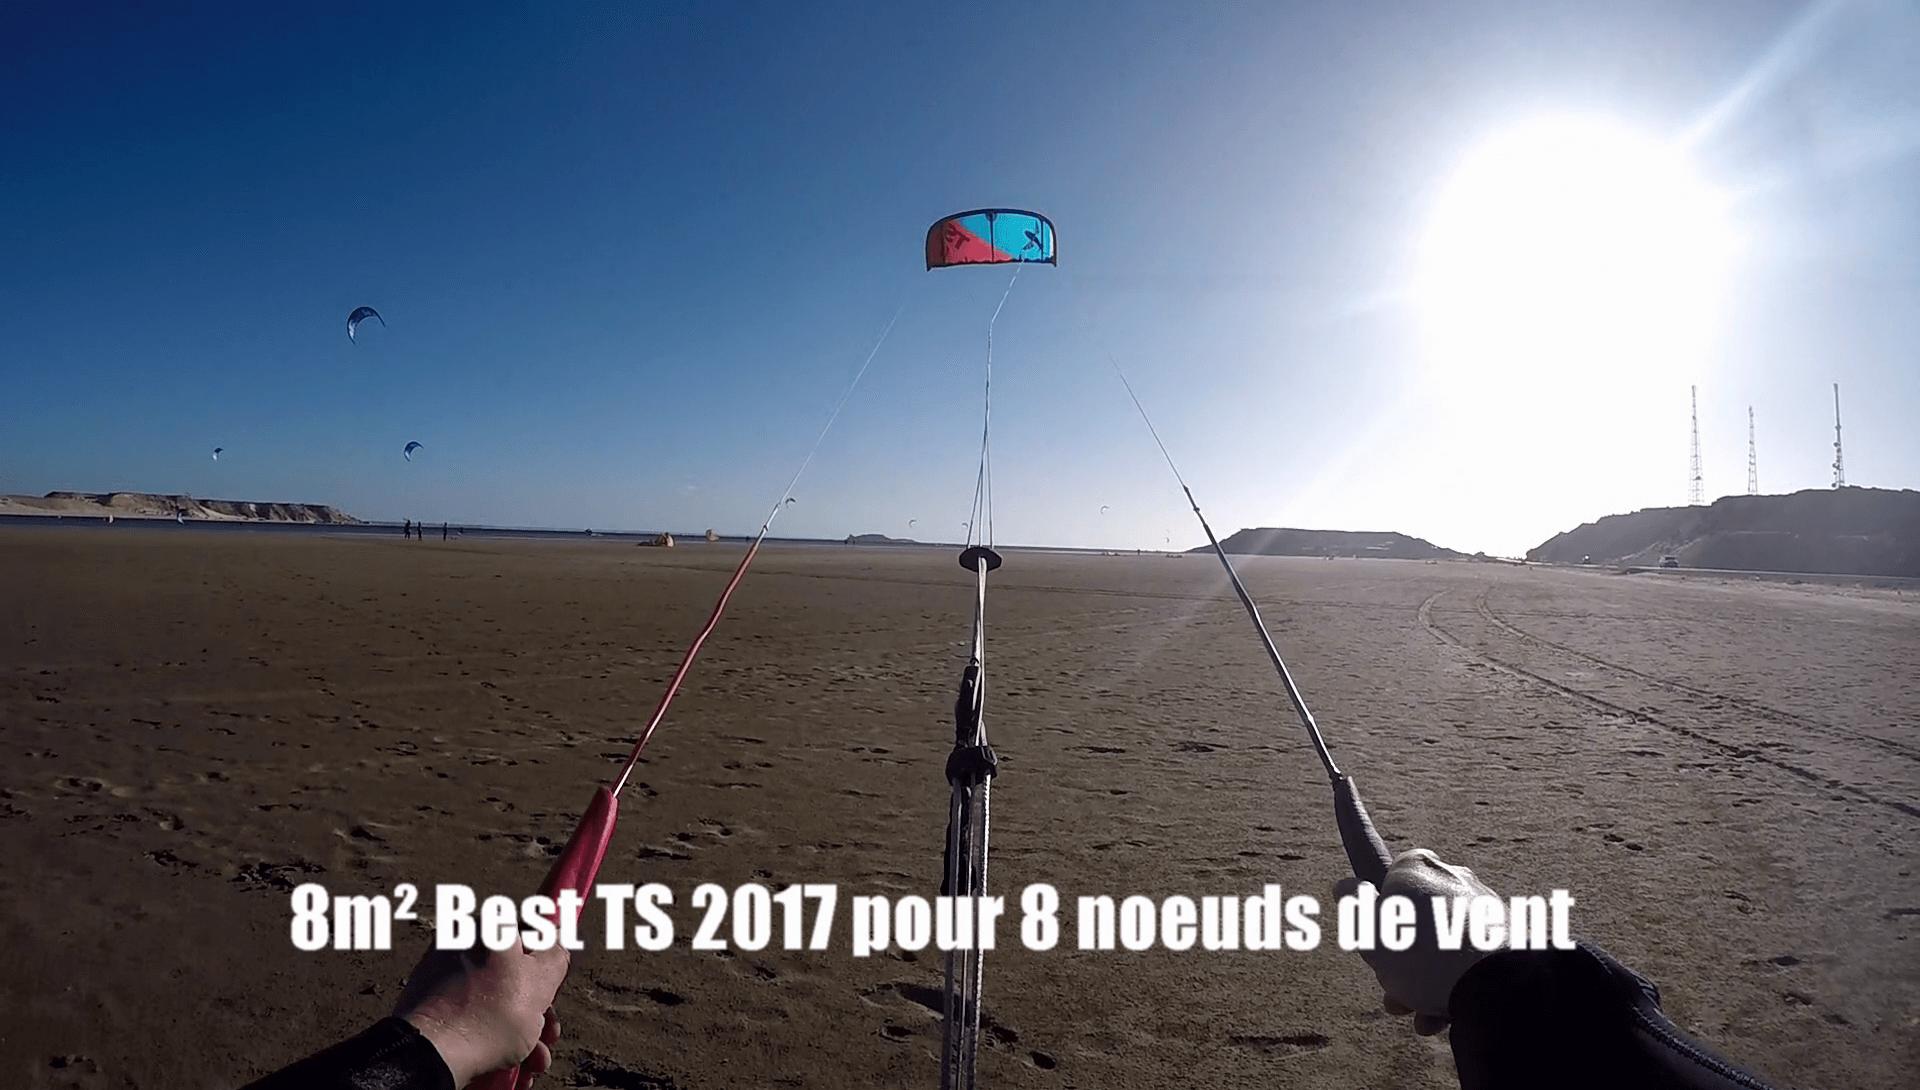 pilotage light wind kitesurf